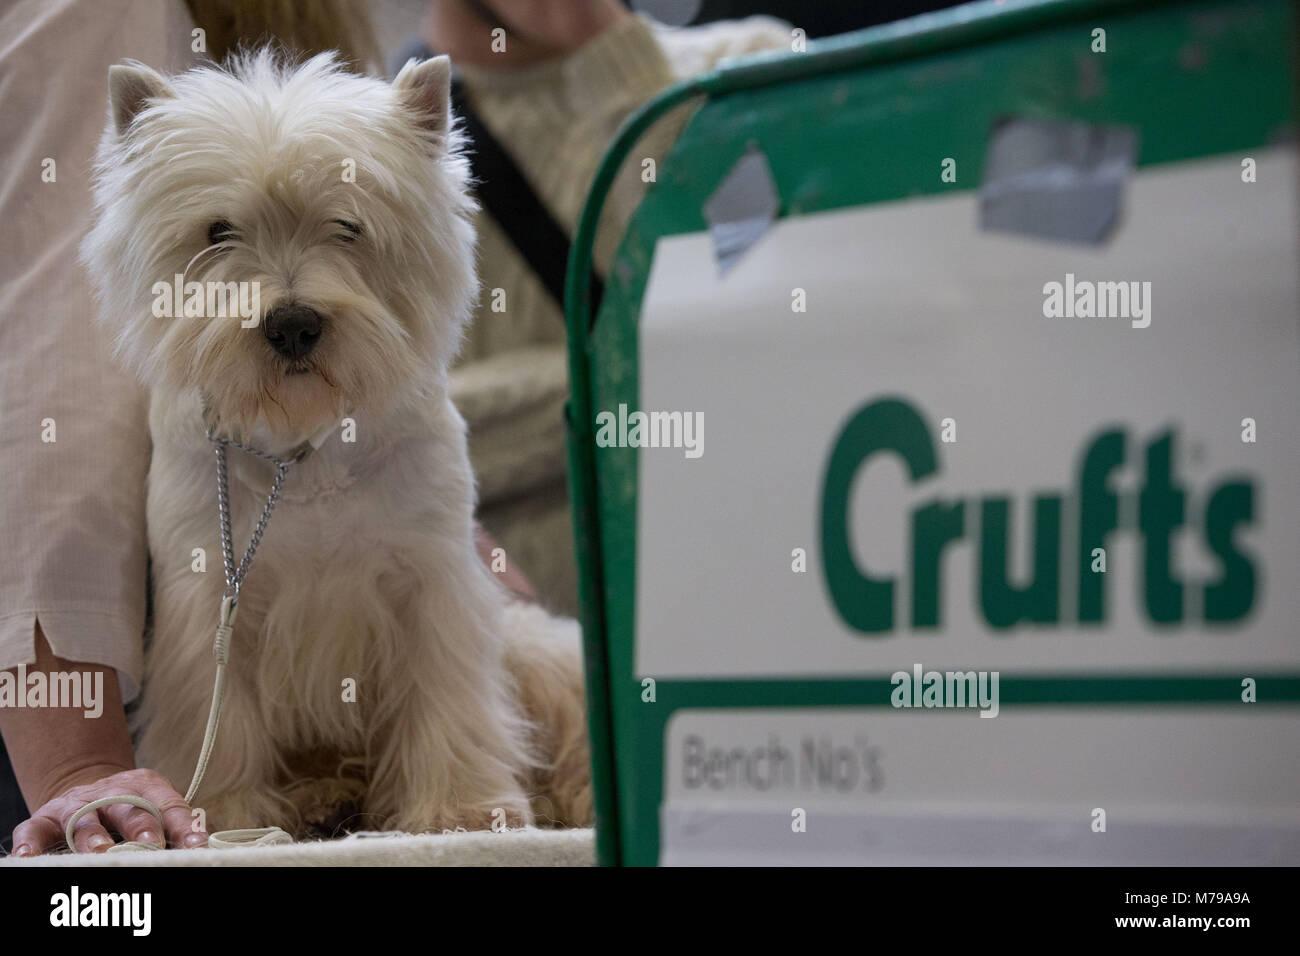 Un West Highland White Terrier, conocido comúnmente como el Westie, durante el segundo día de Crufts 2018 en el NEC en Birmingham. Foto de stock